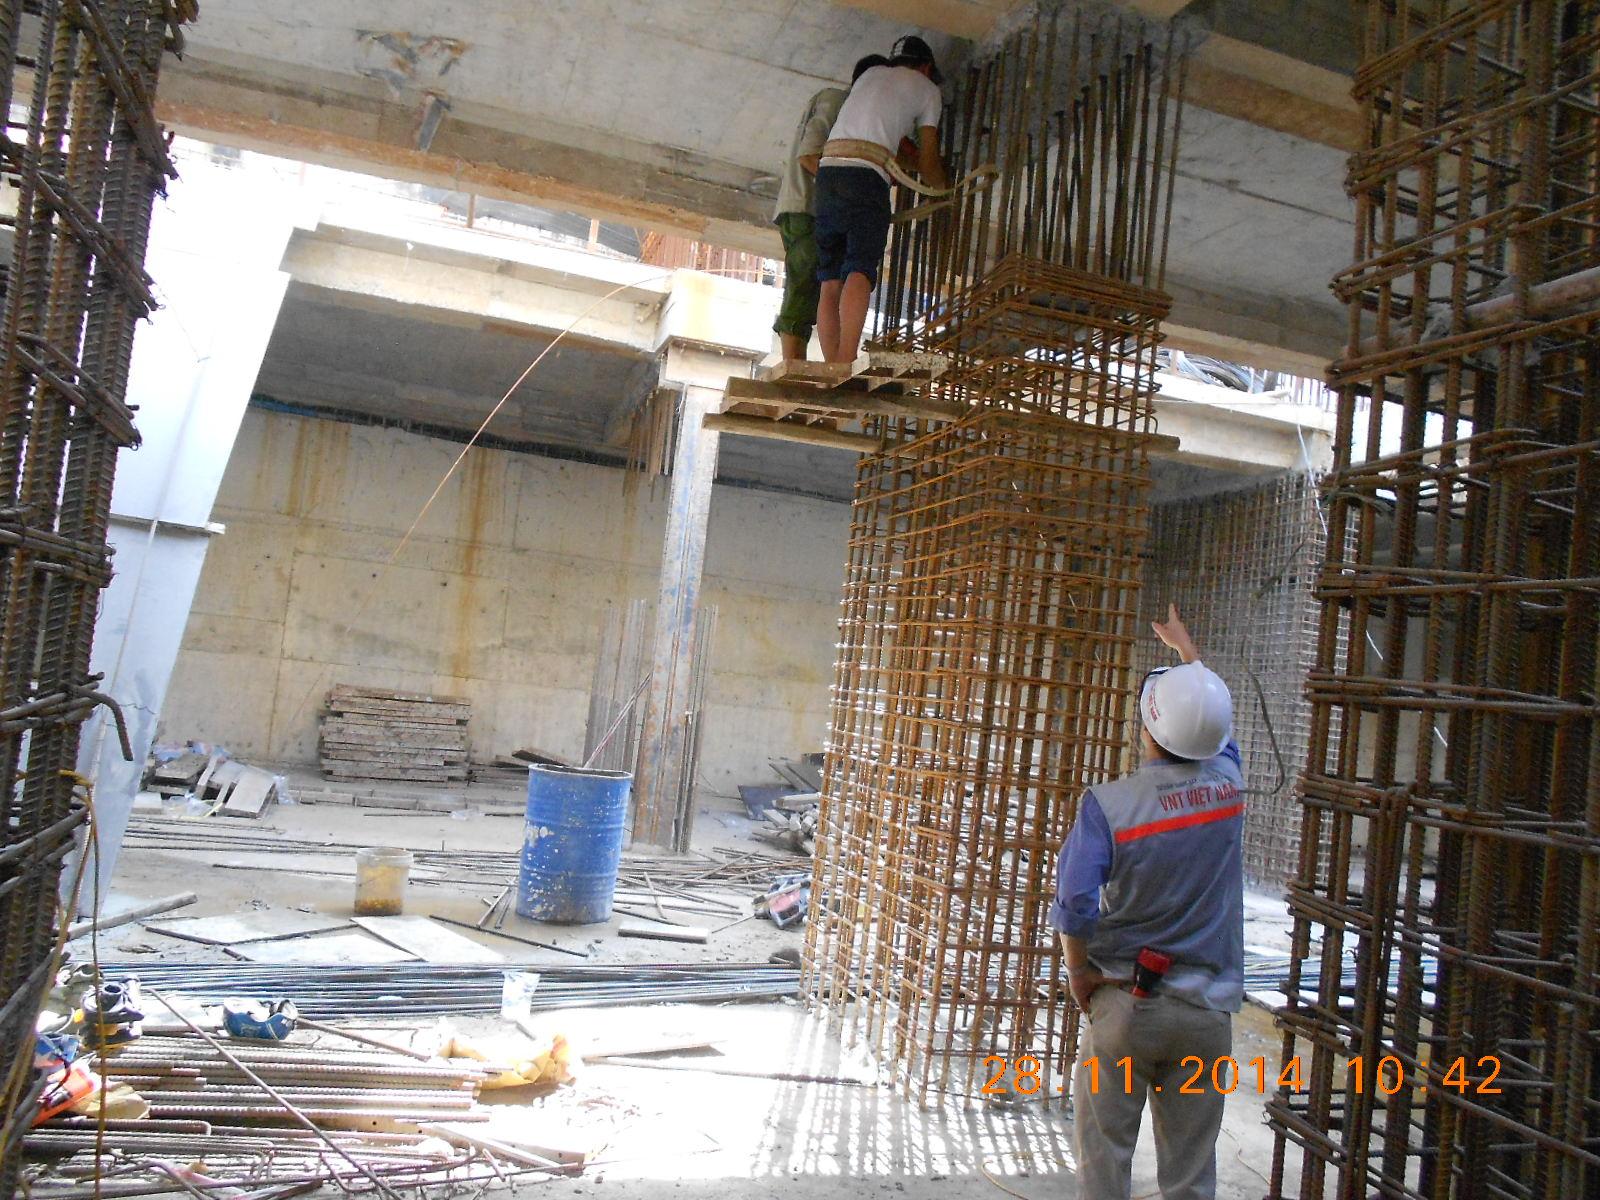 Kiểm tra, đôn đốc nhà thầu trong quá trình lắp dựng cốt thép cột